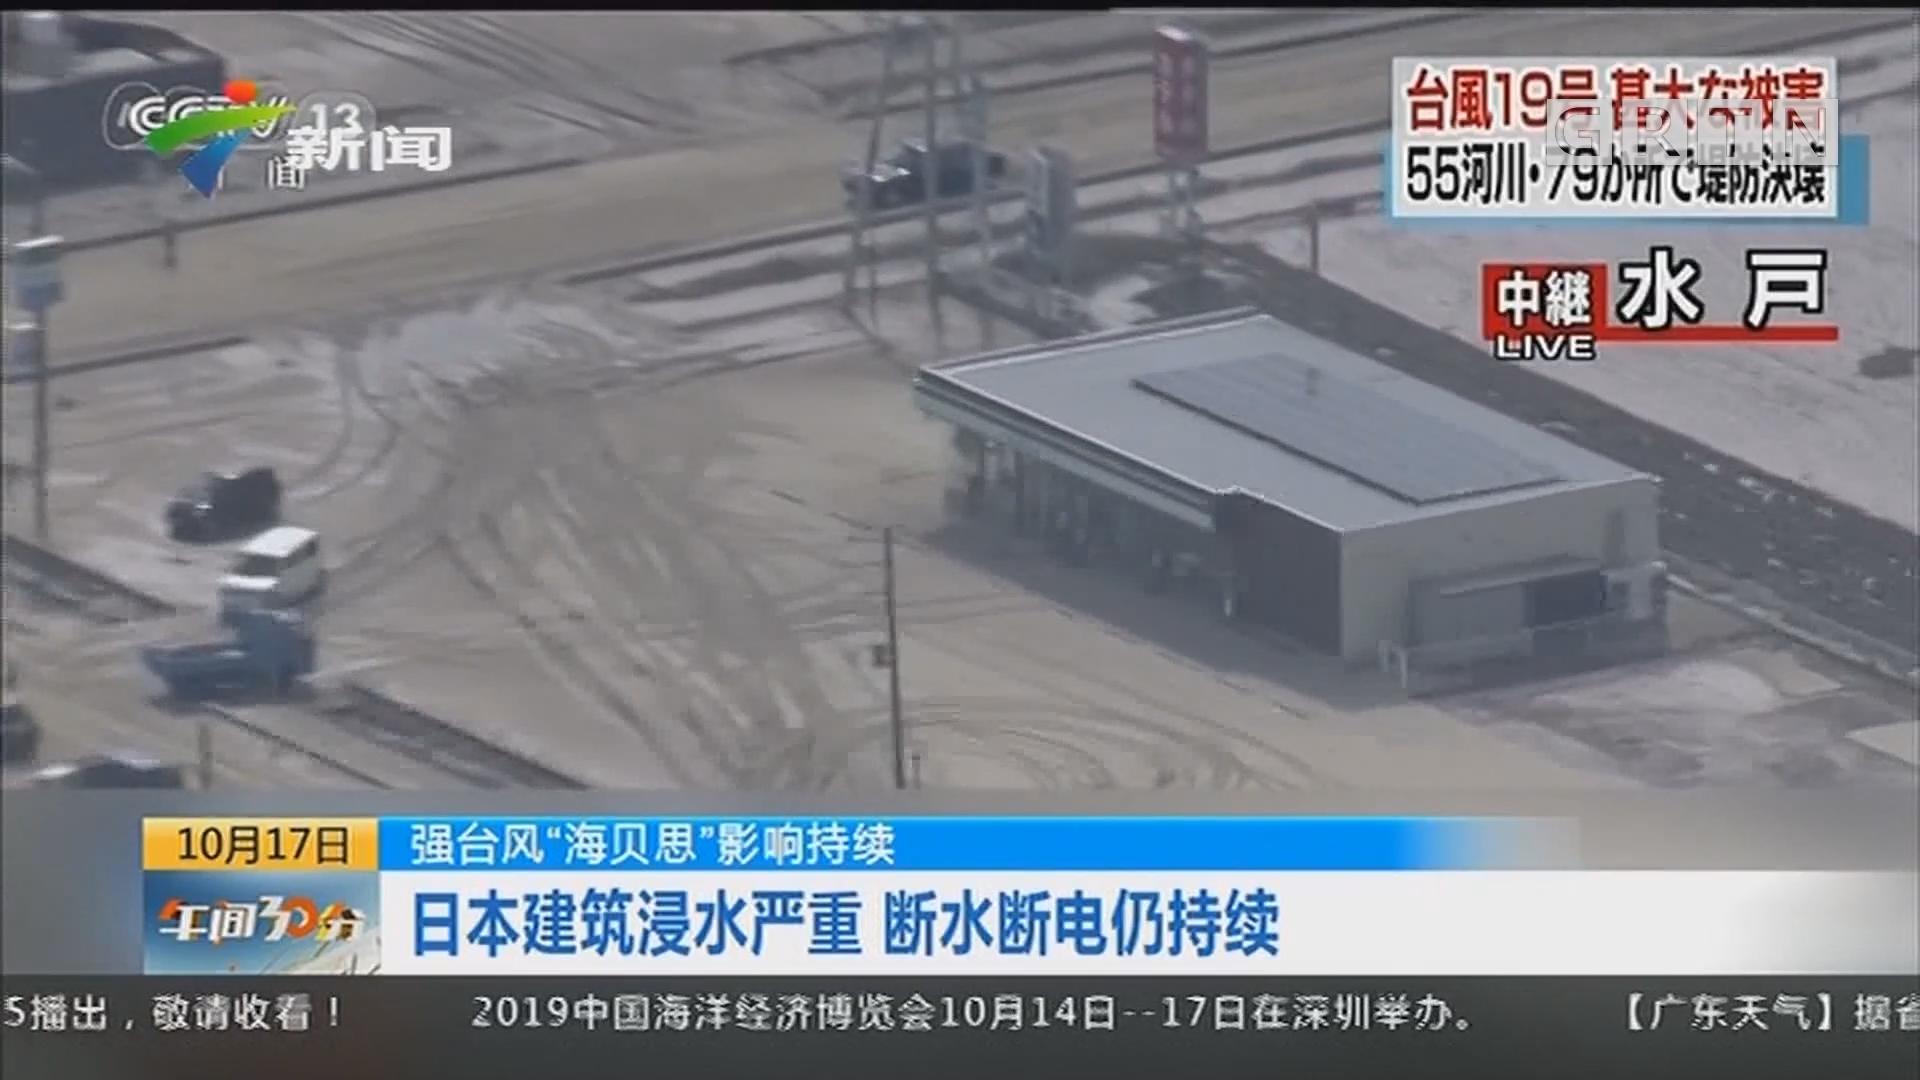 """强台风""""海贝思""""影响持续:日本建筑浸水严重 断水断电仍持续"""